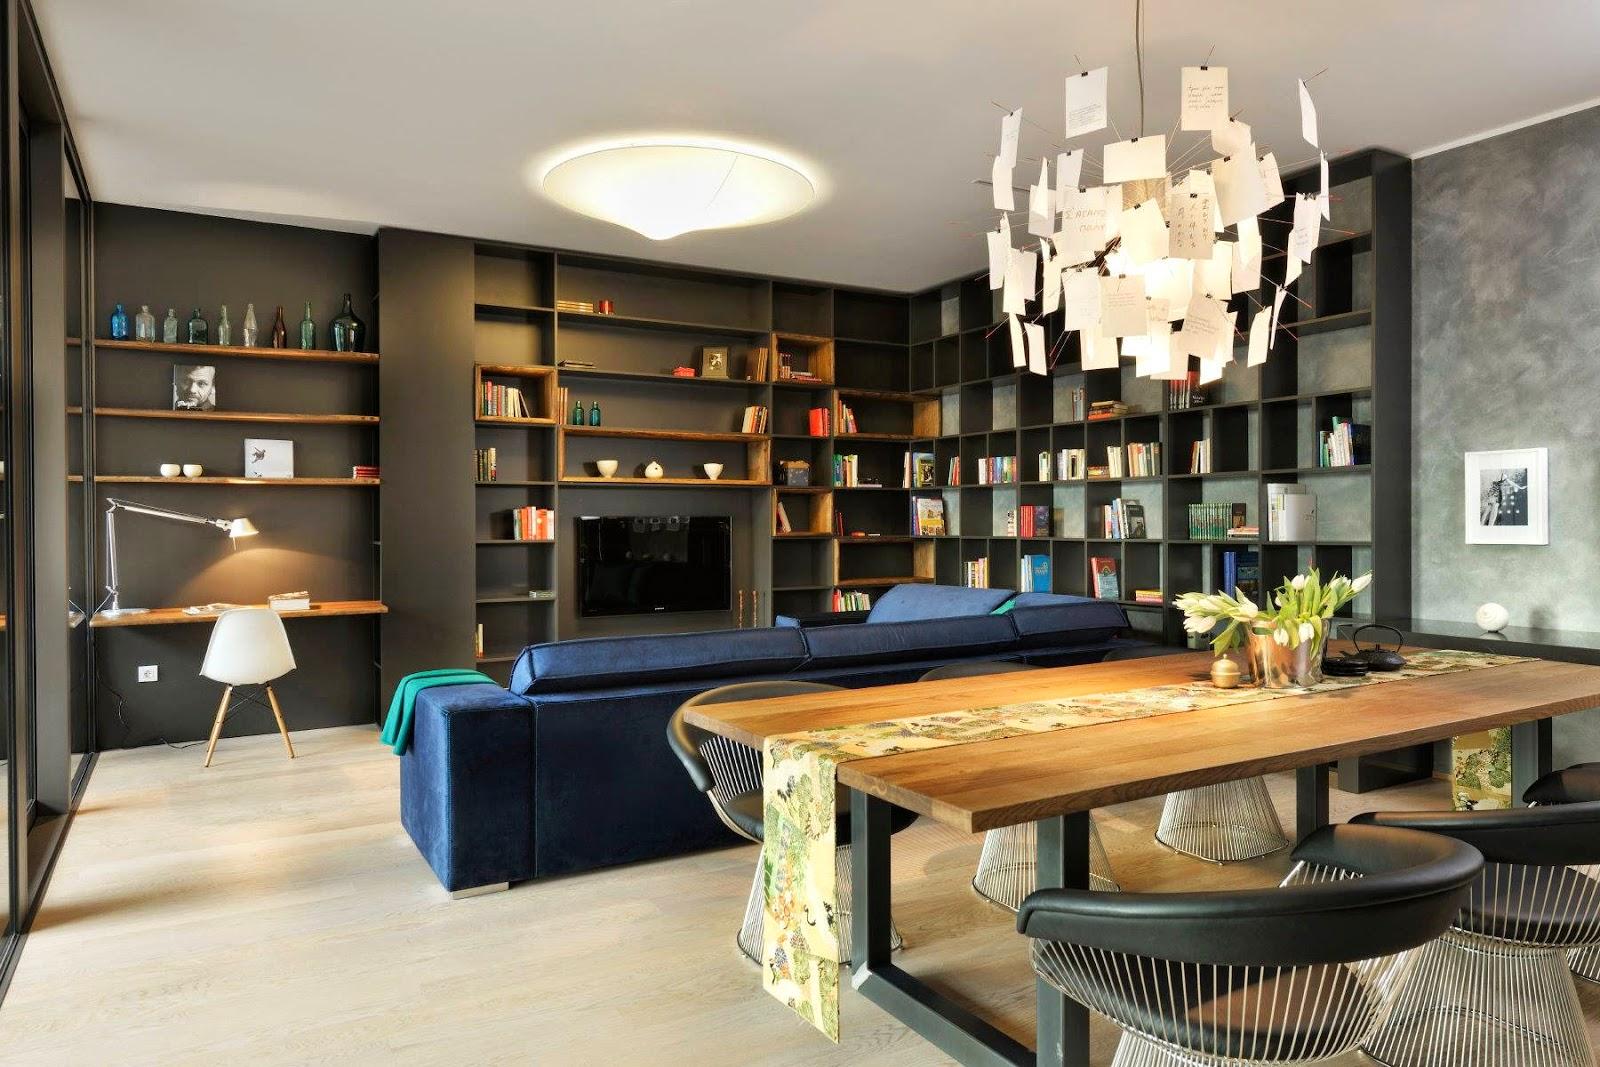 Interior-Design-Idea-Urban-Apartment-Decorating-Style-8.jpg